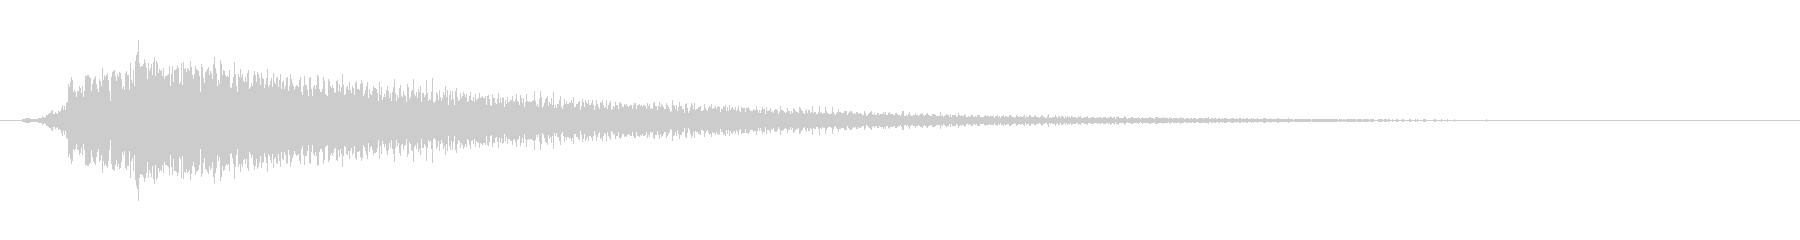 アコギのハーモニクス。決定音など。の未再生の波形